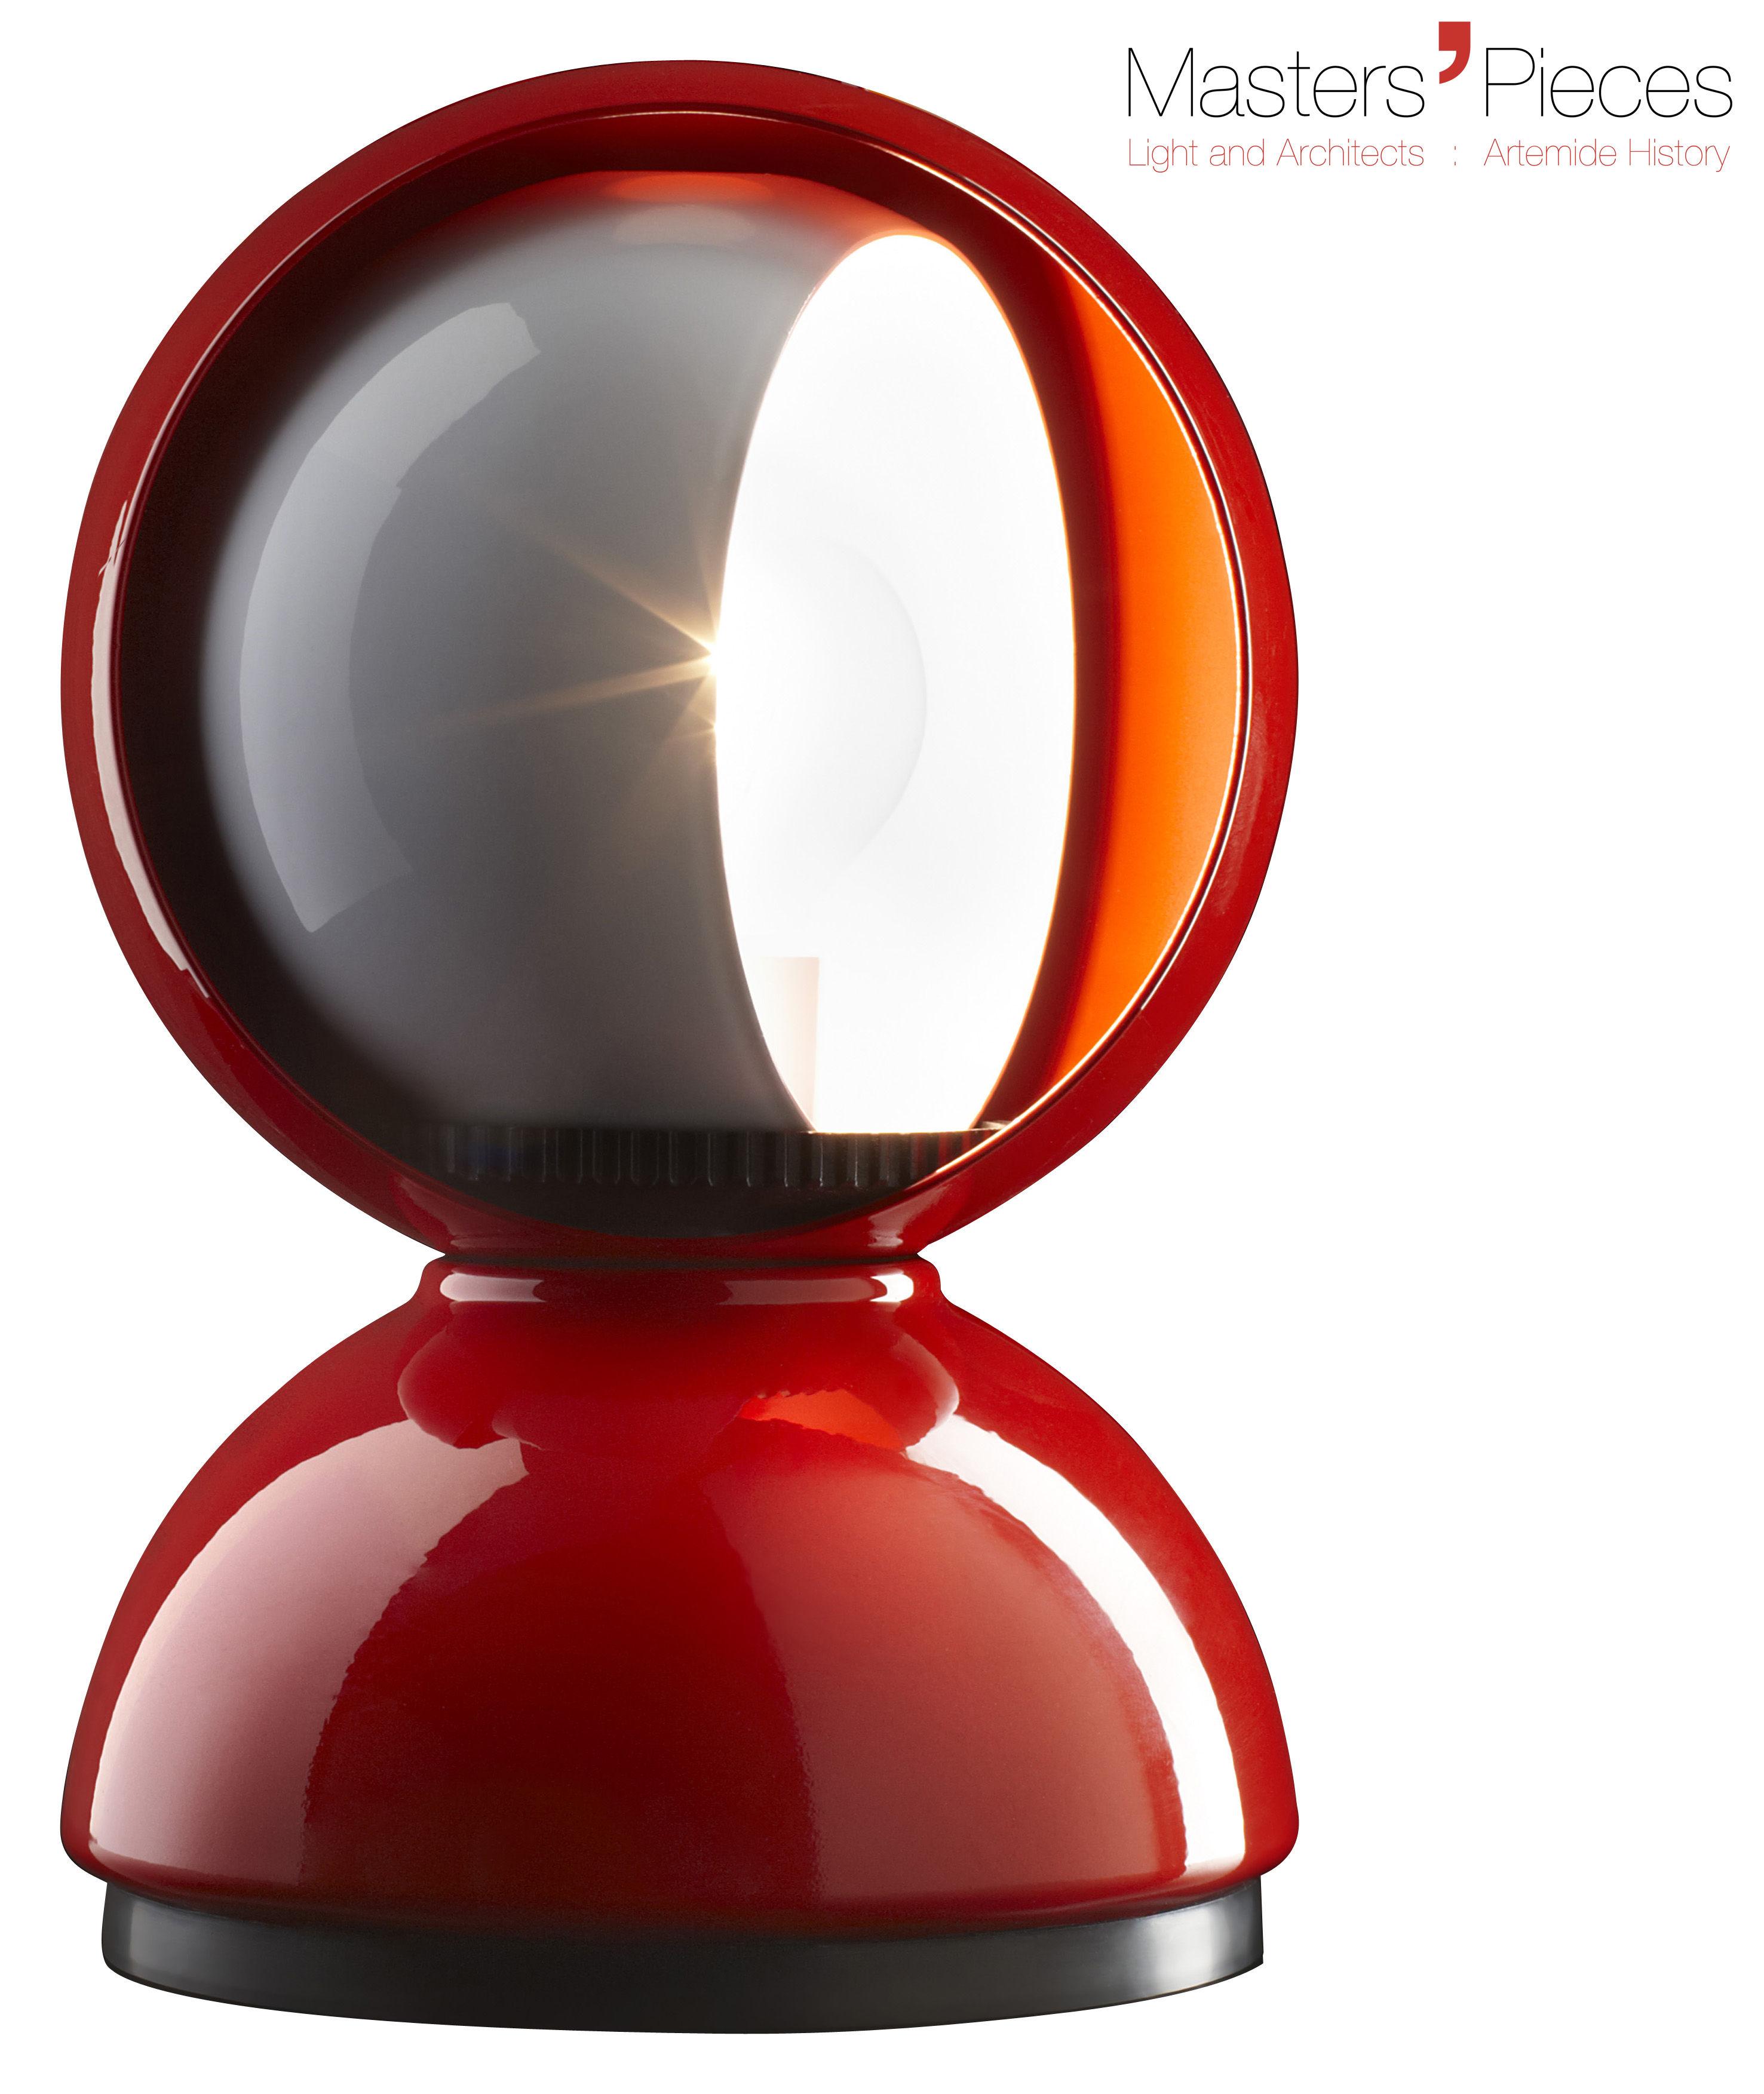 Luminaire - Lampes de table - Lampe de table Masters' Pieces - Eclisse / 1967 - Artemide - Rouge - Métal verni